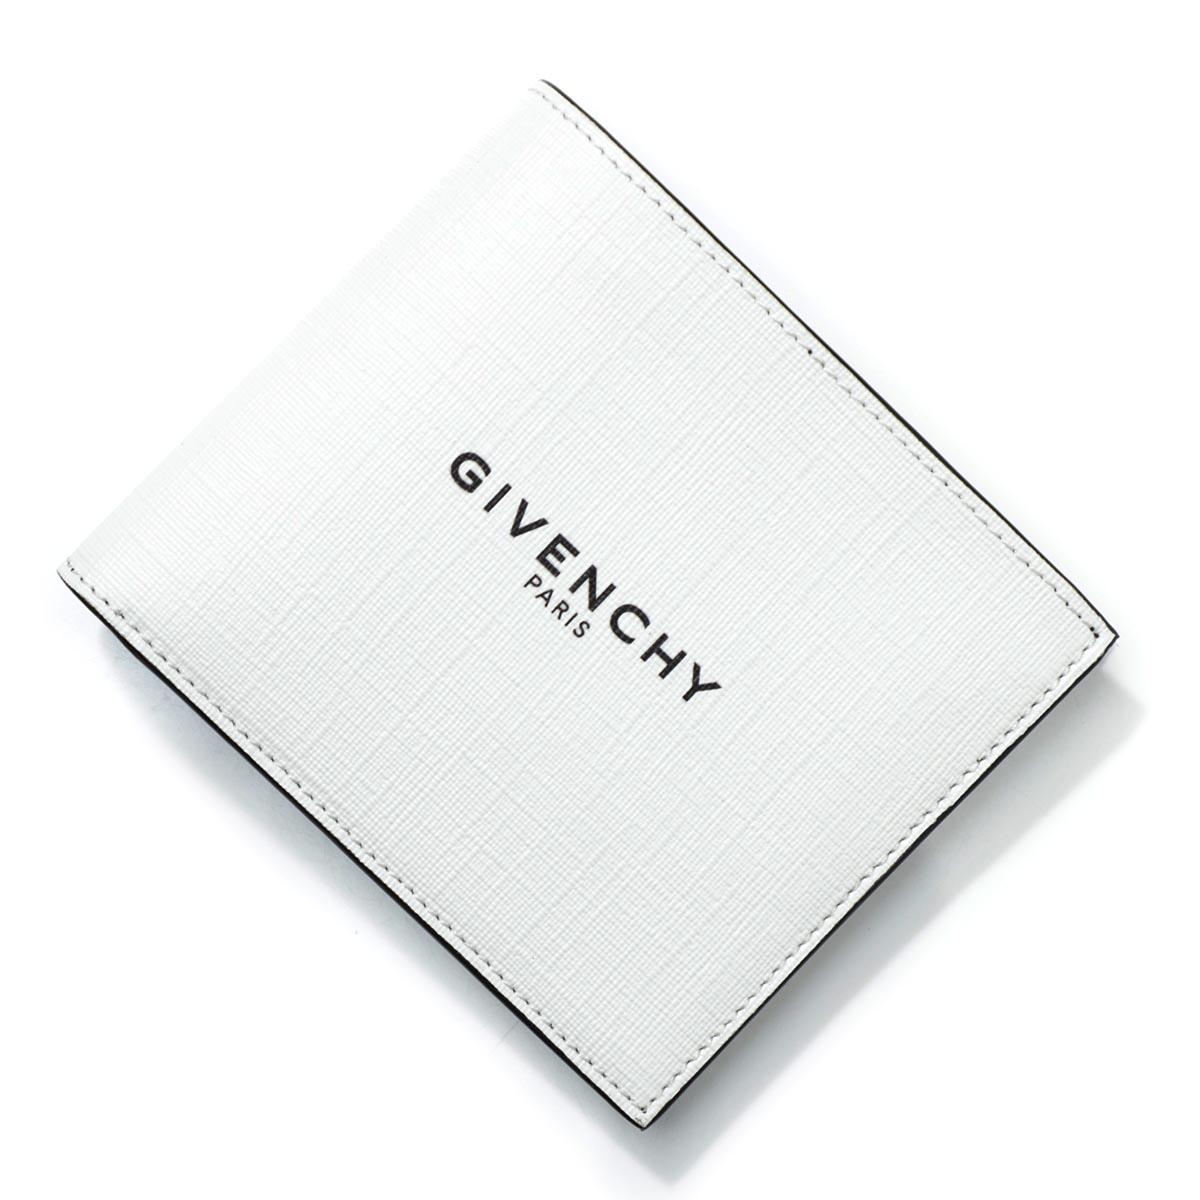 ジバンシー GIVENCHY 2つ折り財布 ホワイト メンズ ギフト プレゼント bk6005k0n2 100【あす楽対応_関東】【返品送料無料】【ラッピング無料】